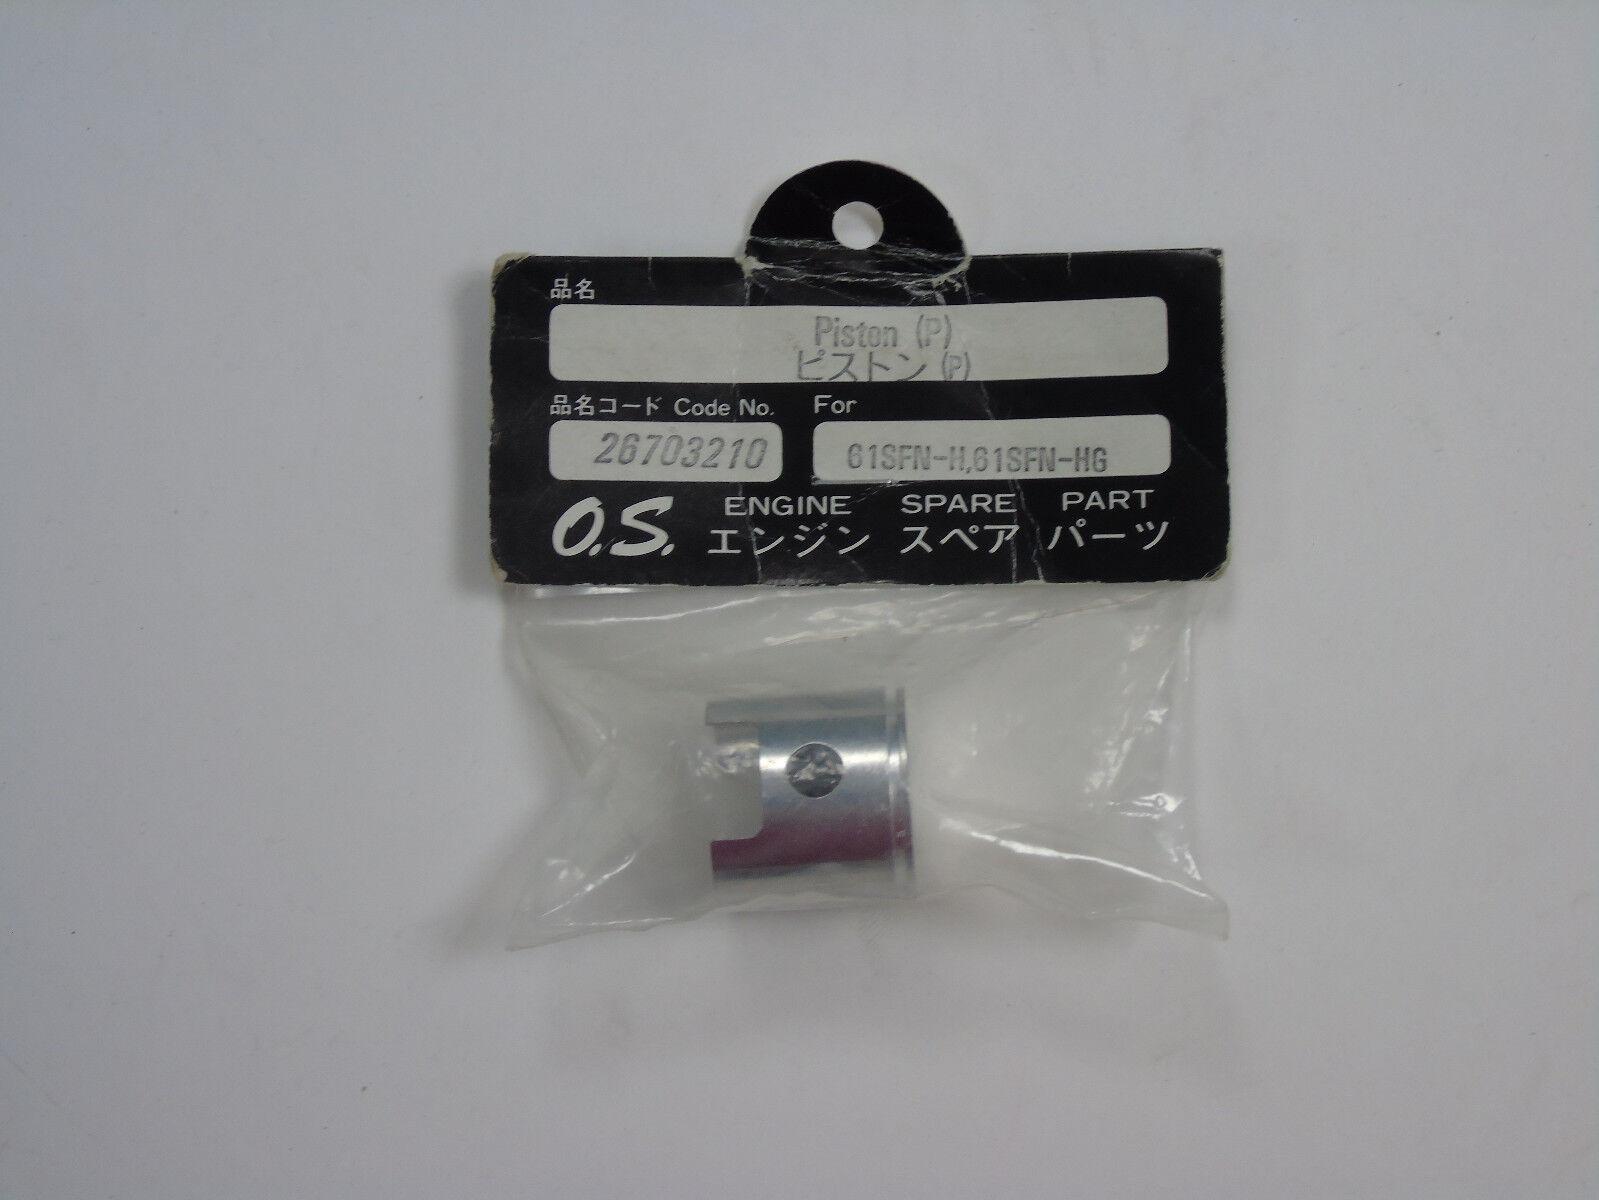 26703210 Autentico OS Motori Pistone (P) per  61sfn-h & 61sfn-hg Nuovo in